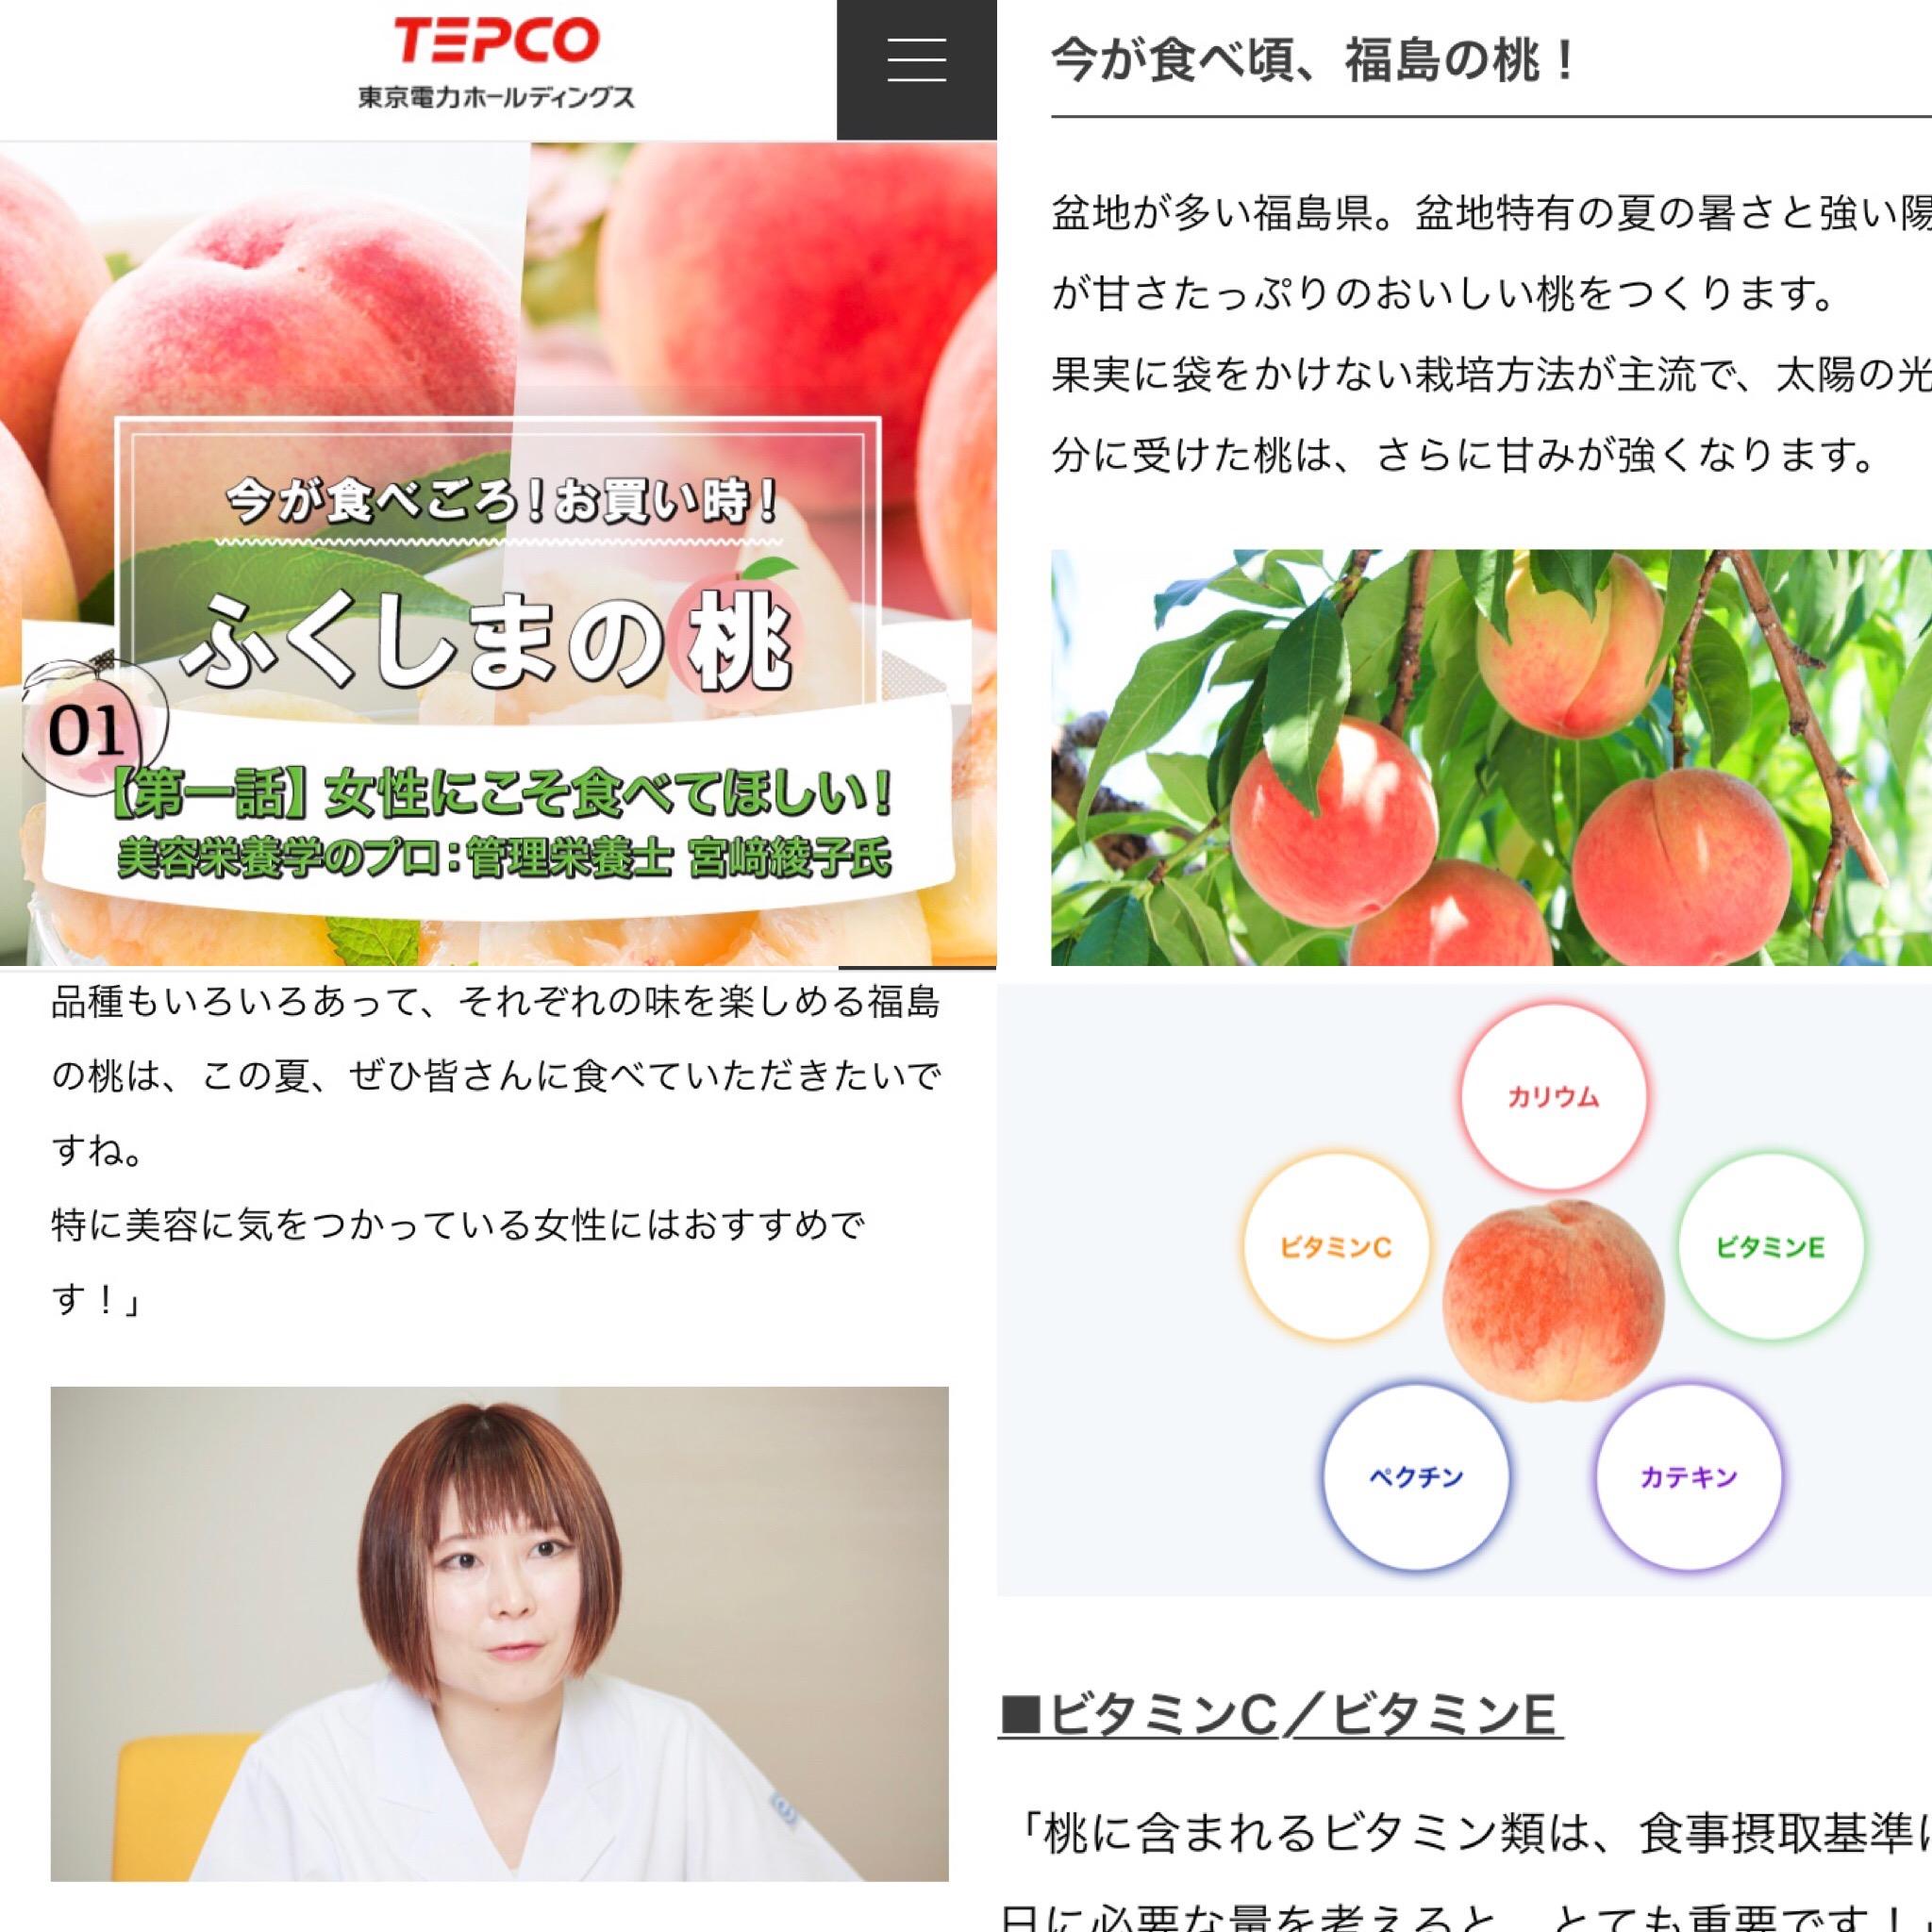 東京電力ホールディングスHP 桃の栄養監修